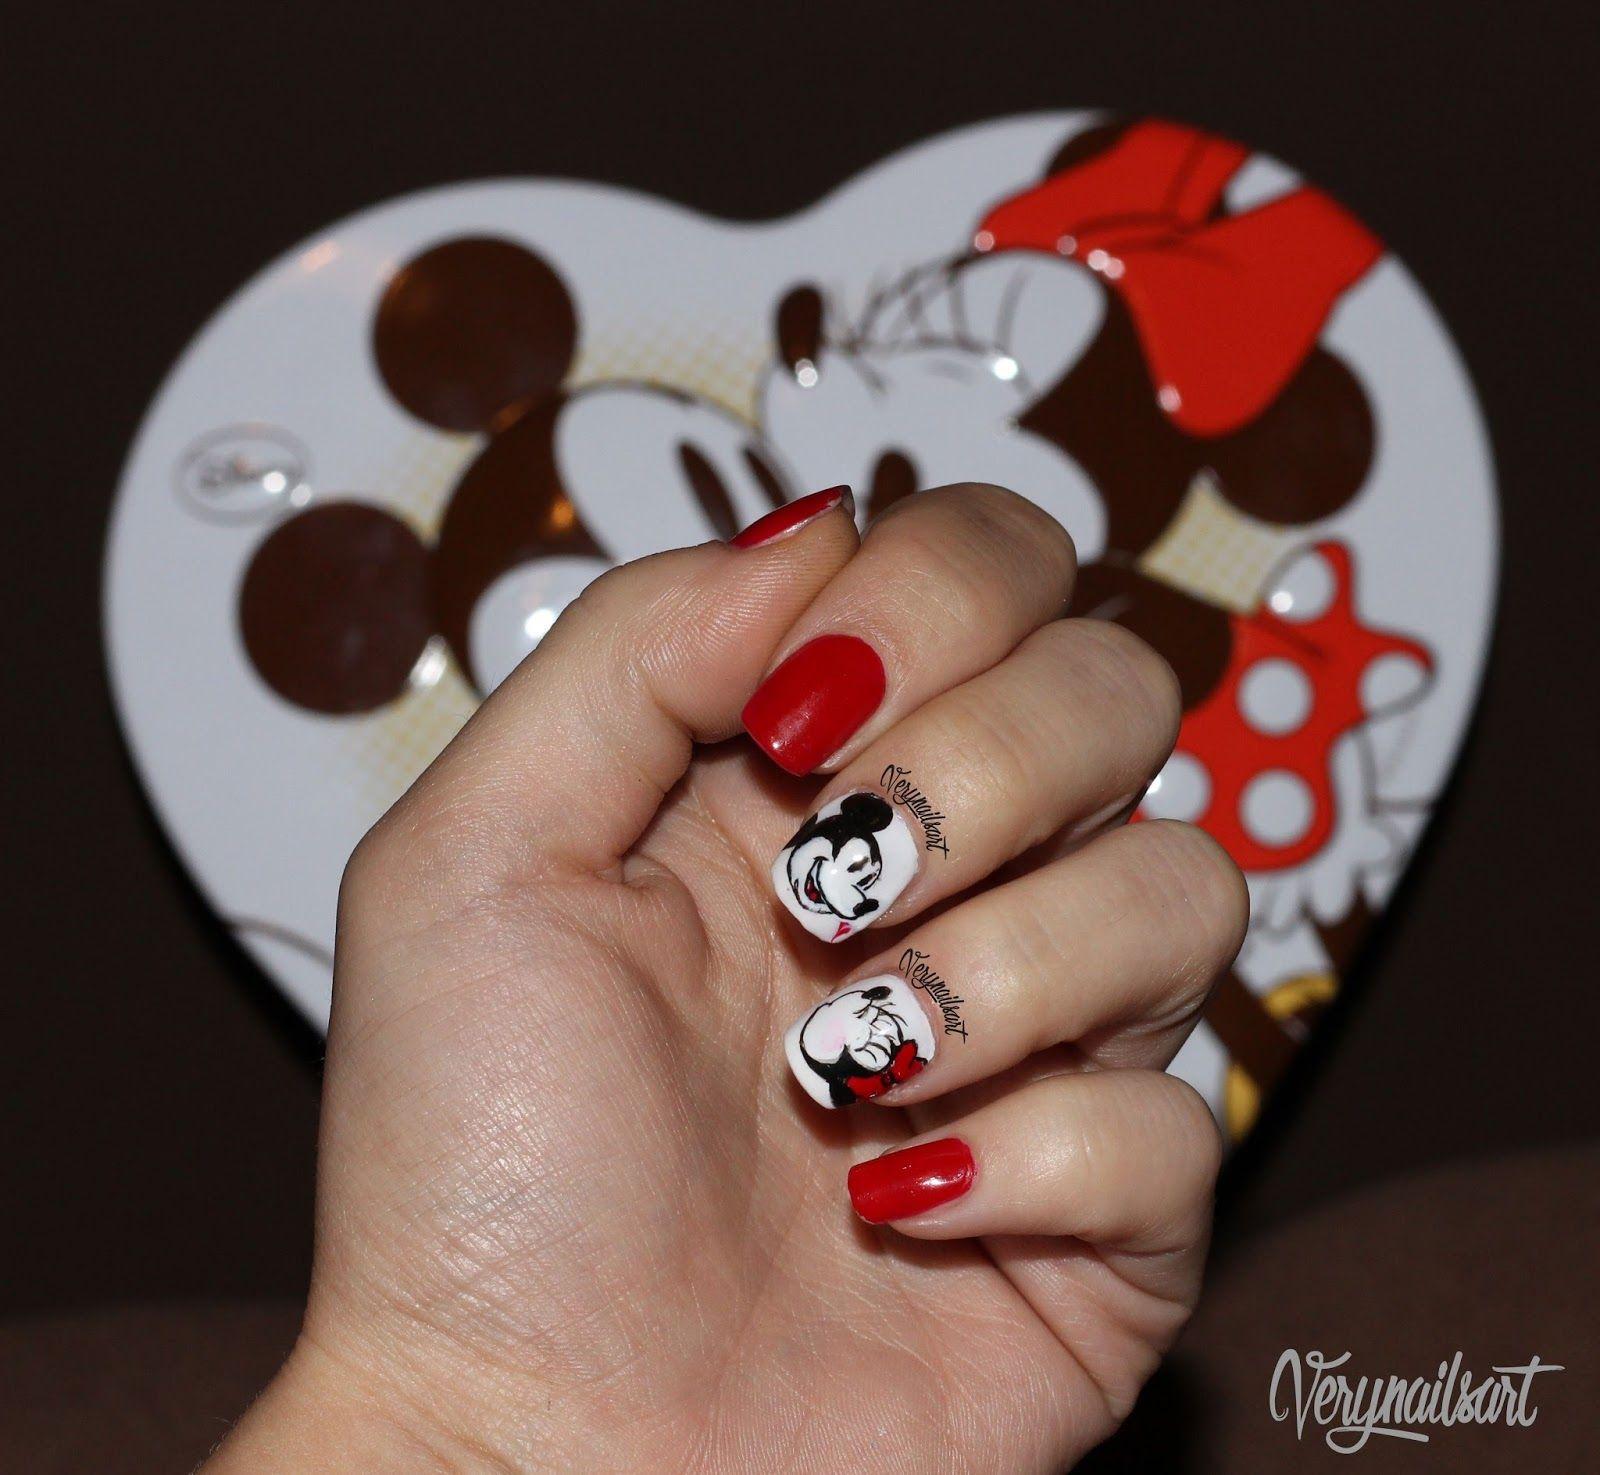 Uñas Decoradas Con Personajes De Disney Belleza Maquillaje